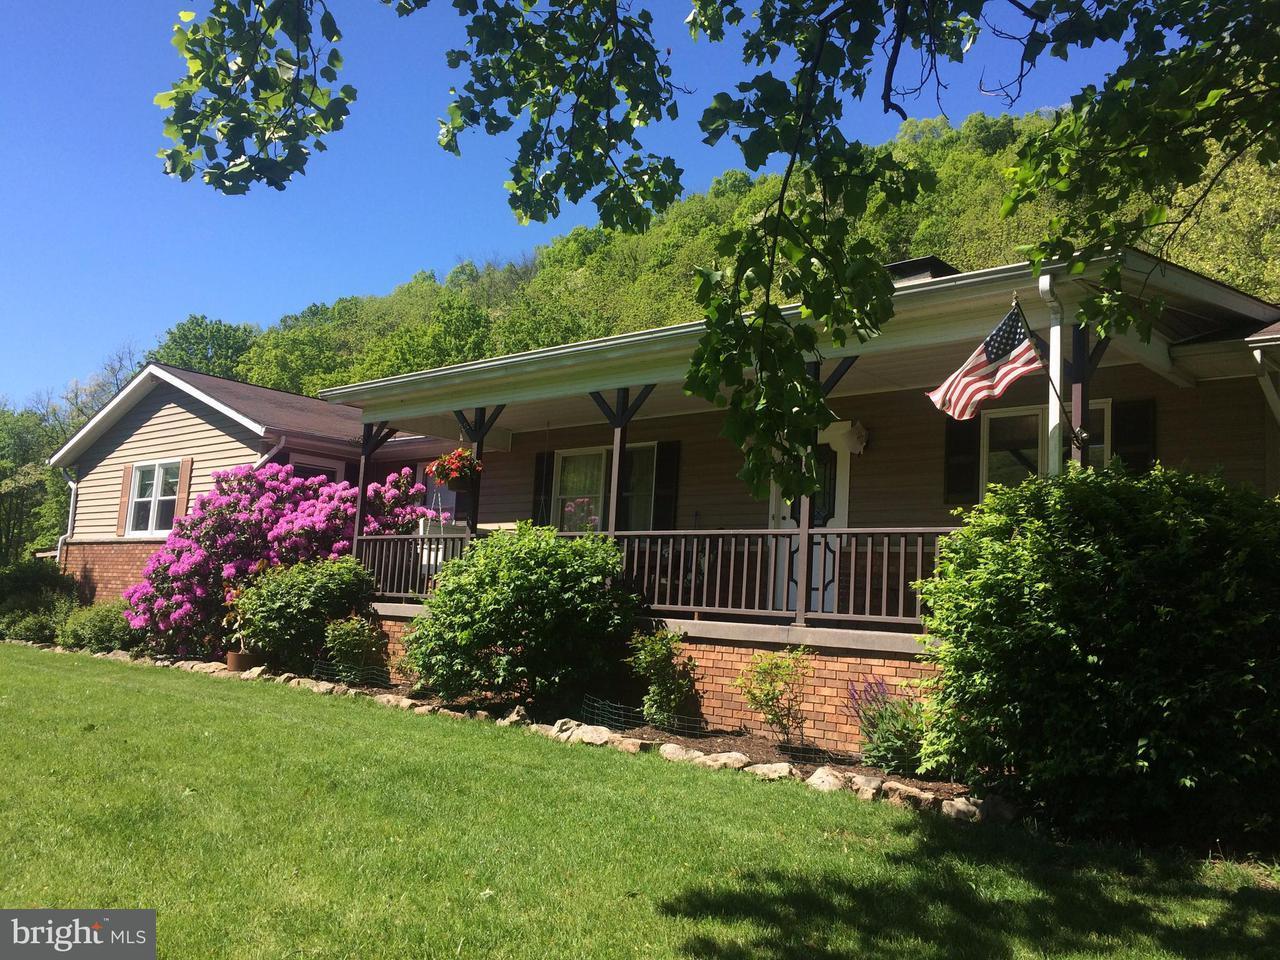 Коммерческий для того Продажа на 2207 Cooks Mill Road 2207 Cooks Mill Road Hyndman, Пенсильвания 15545 Соединенные Штаты